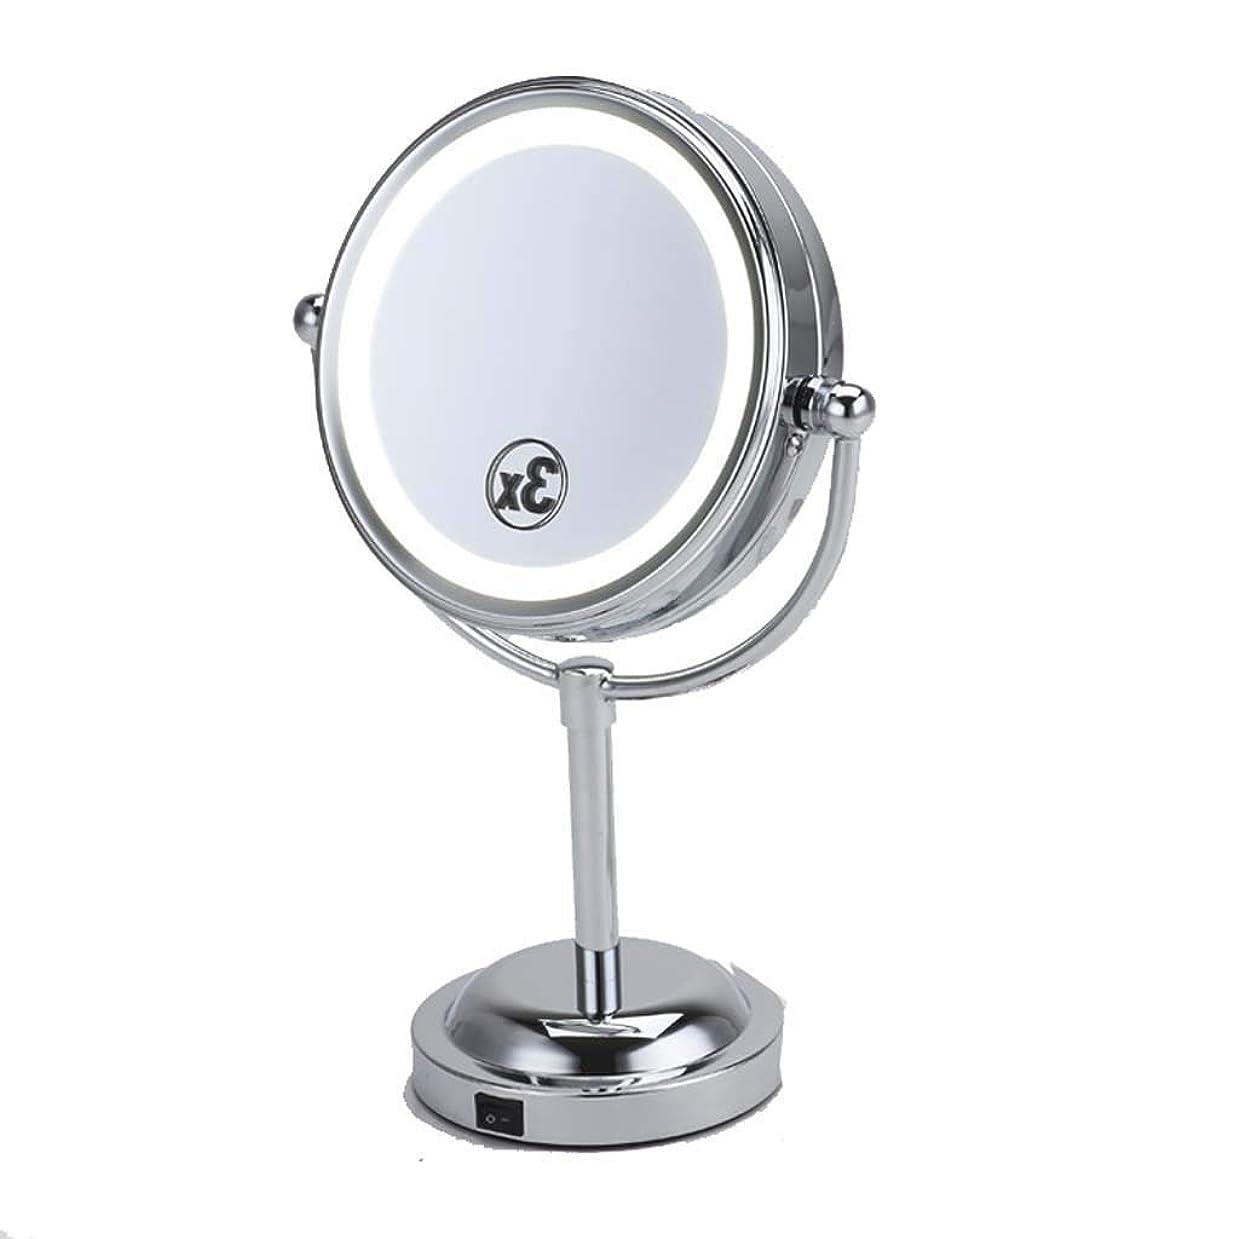 最初はバナー仲間洗面化粧台ミラー 浴室ミラー回転可能な円形の楕円形の形の立場の円形の化粧鏡 - LEDの化粧鏡/虚栄心ミラー 化粧鏡 (Color : Silver, Size : 6 inches)